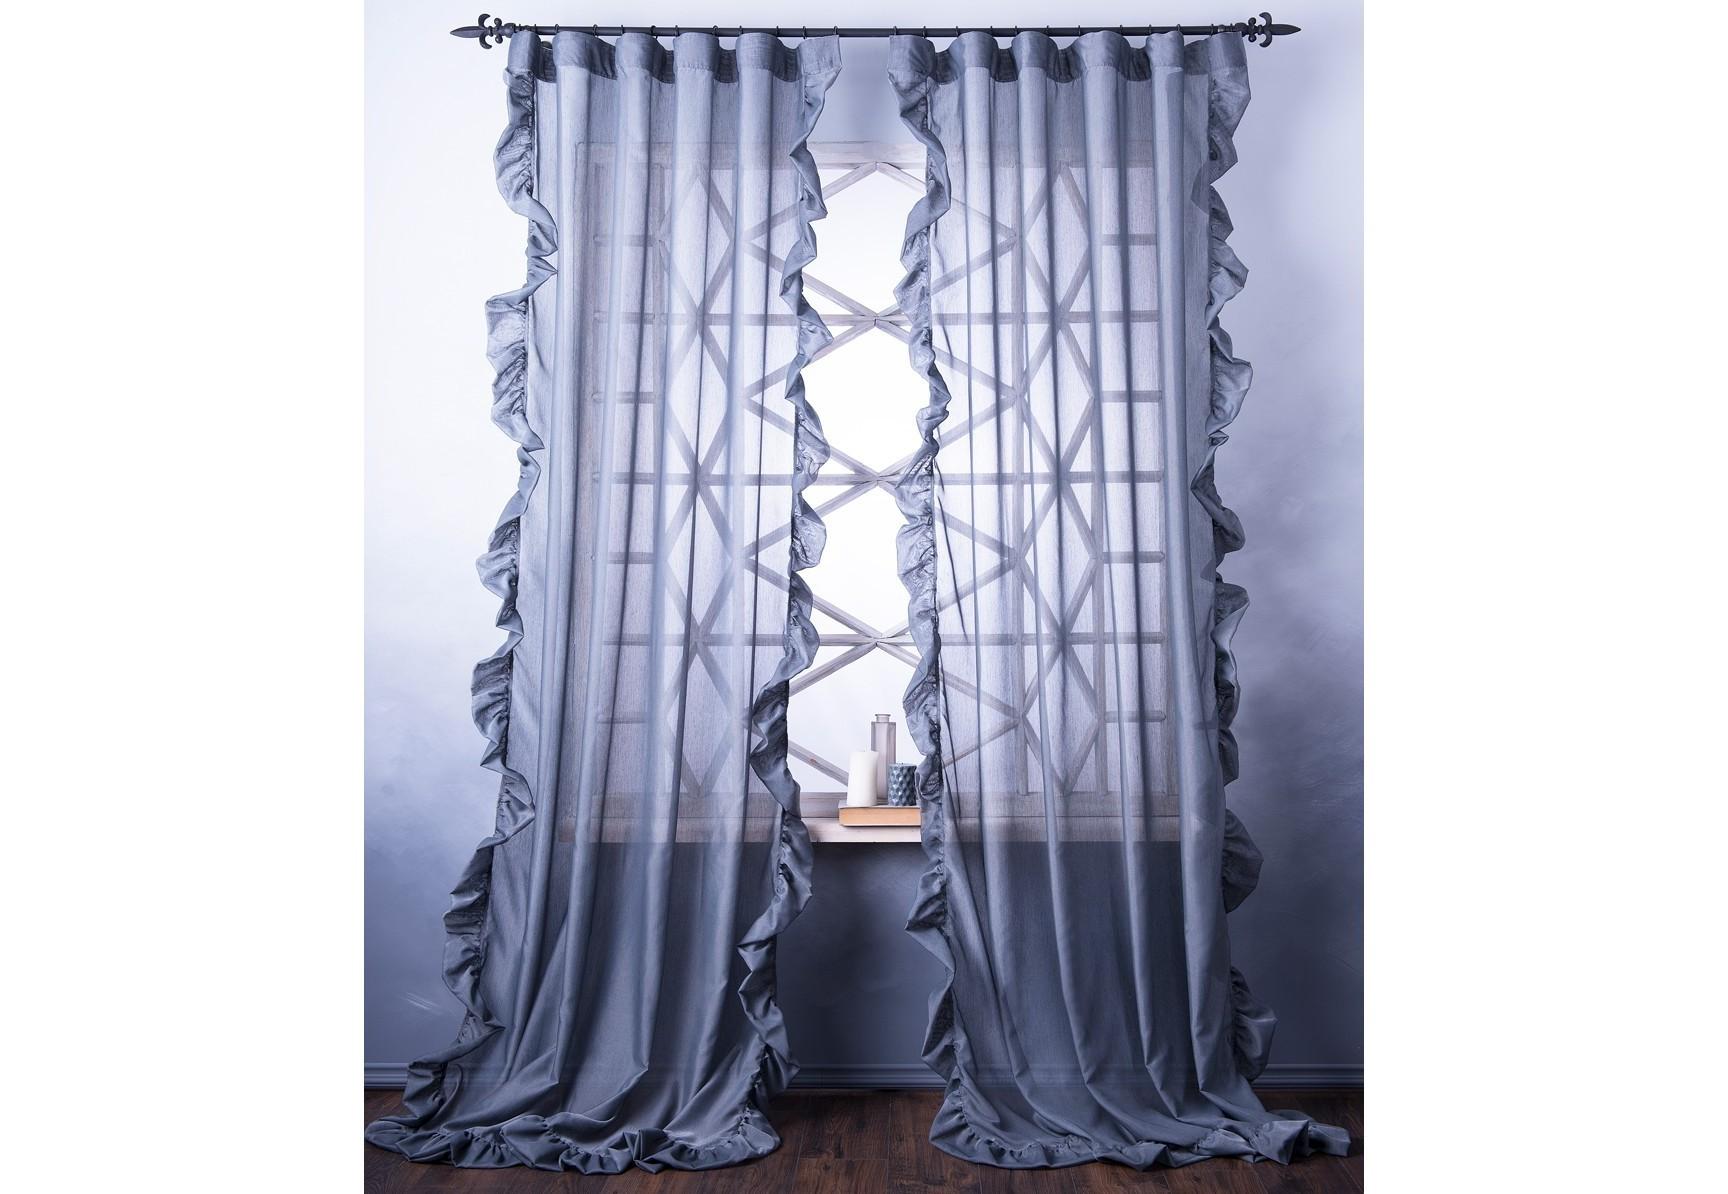 Комплект штор БэтсиШторы<br>Легкие портьеры (2 шт.) из декоративной ткани с рюшей на универсальной шторной ленте.&amp;amp;nbsp;&amp;lt;div&amp;gt;&amp;lt;br&amp;gt;&amp;lt;/div&amp;gt;&amp;lt;div&amp;gt;Состав ткани - 100% полиэстер.&amp;amp;nbsp;&amp;lt;/div&amp;gt;&amp;lt;div&amp;gt;Защита от солнца 3 из 10.&amp;amp;nbsp;&amp;lt;/div&amp;gt;&amp;lt;div&amp;gt;Размер 140х270 - 2 шт.&amp;lt;/div&amp;gt;<br><br>Material: Текстиль<br>Ширина см: 140.0<br>Высота см: 270.0